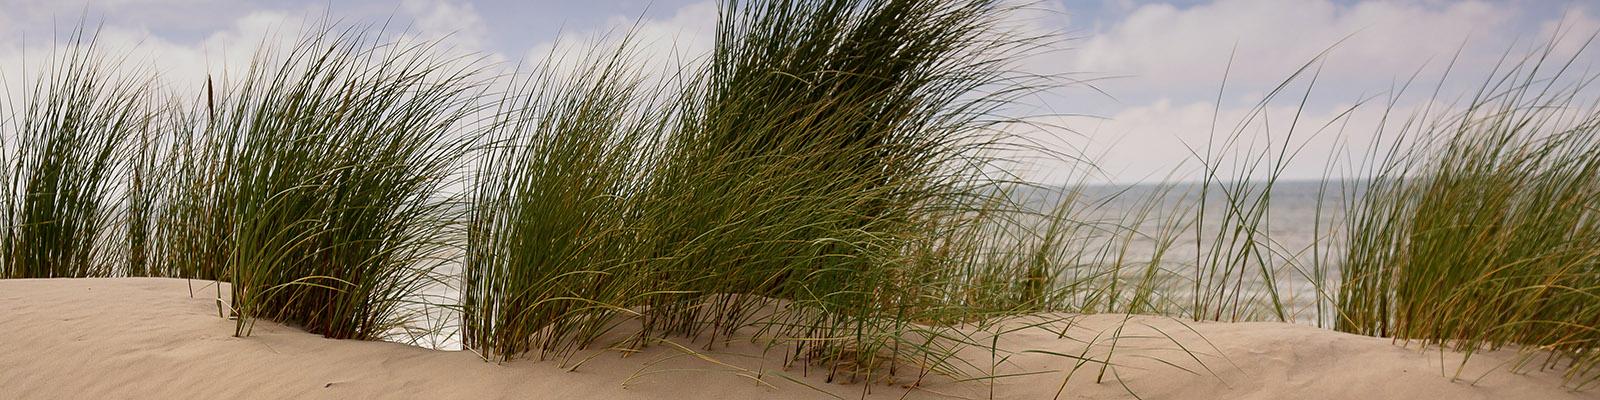 Dunen Noordwijk aan Zee